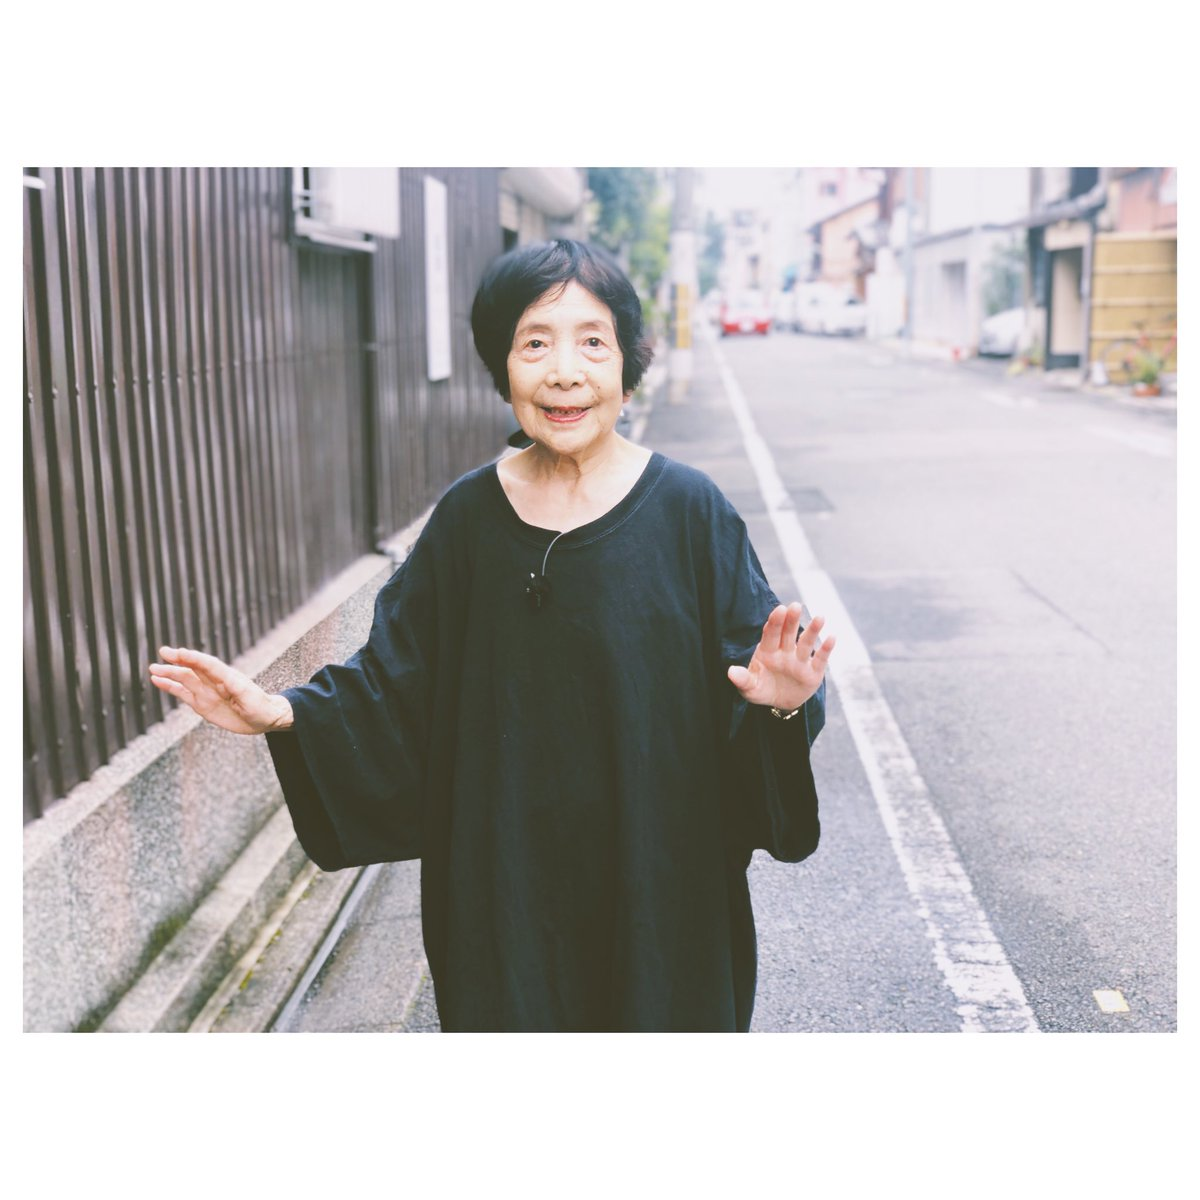 #敬老の日 ということで、おばあちゃんに俺の衣装を着て貰って撮った写真。 #テンゴちゃん #まごふく